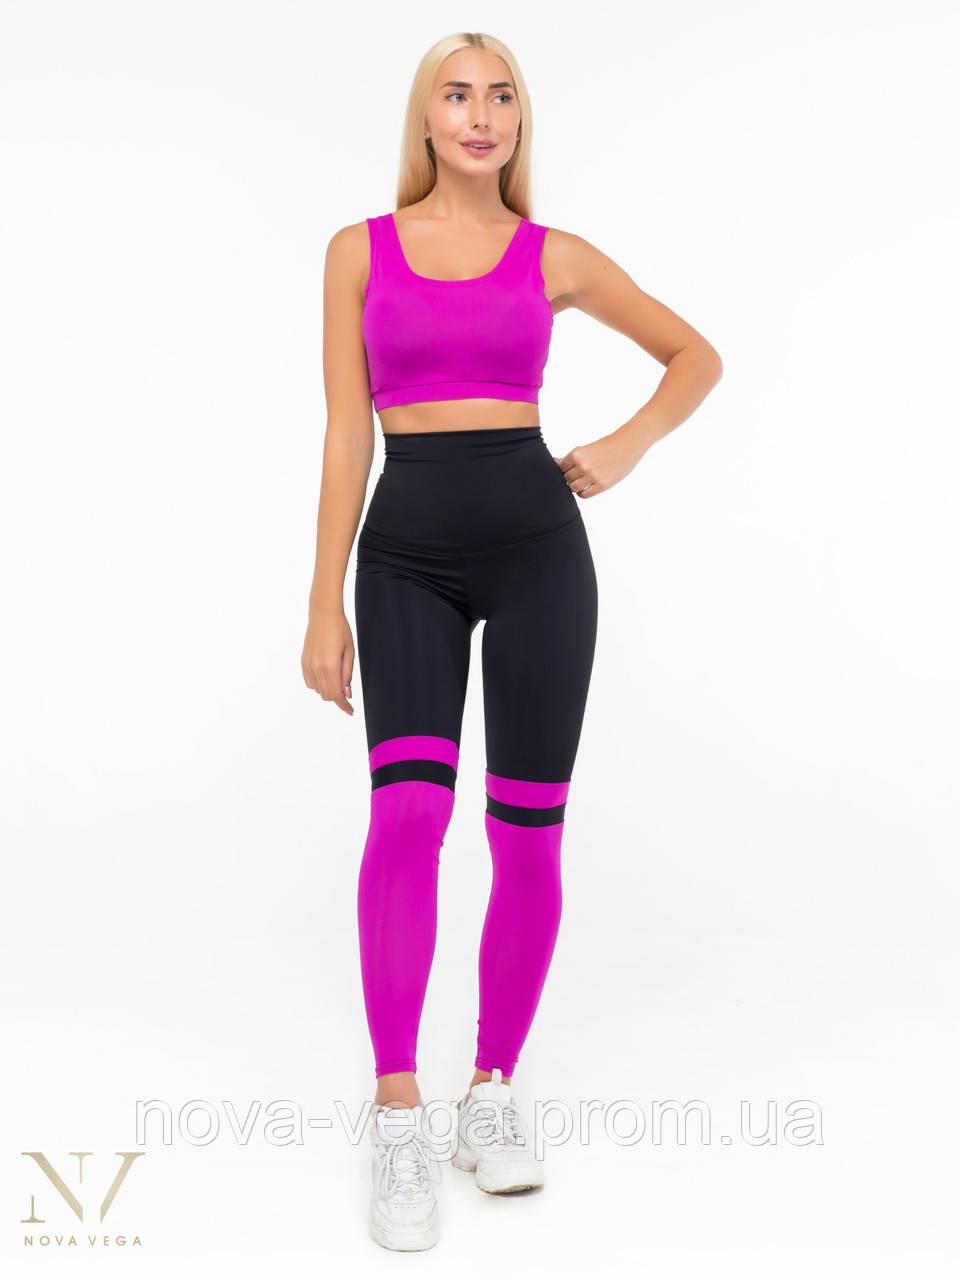 Спортивный комплект для фитнеса Milana Black&Violet